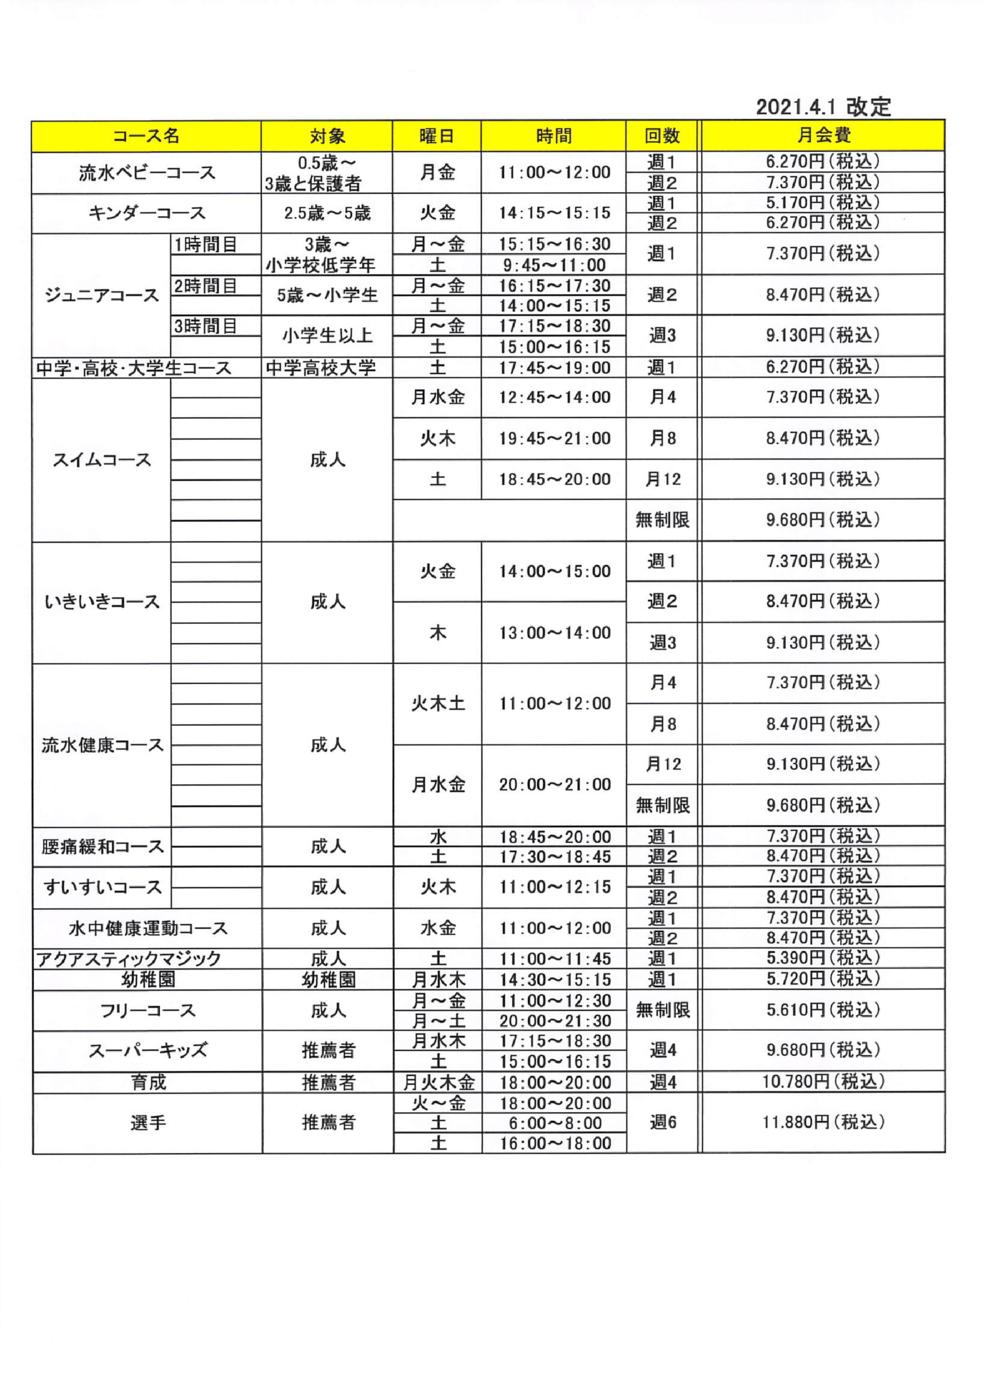 プログラム概要と料金画像